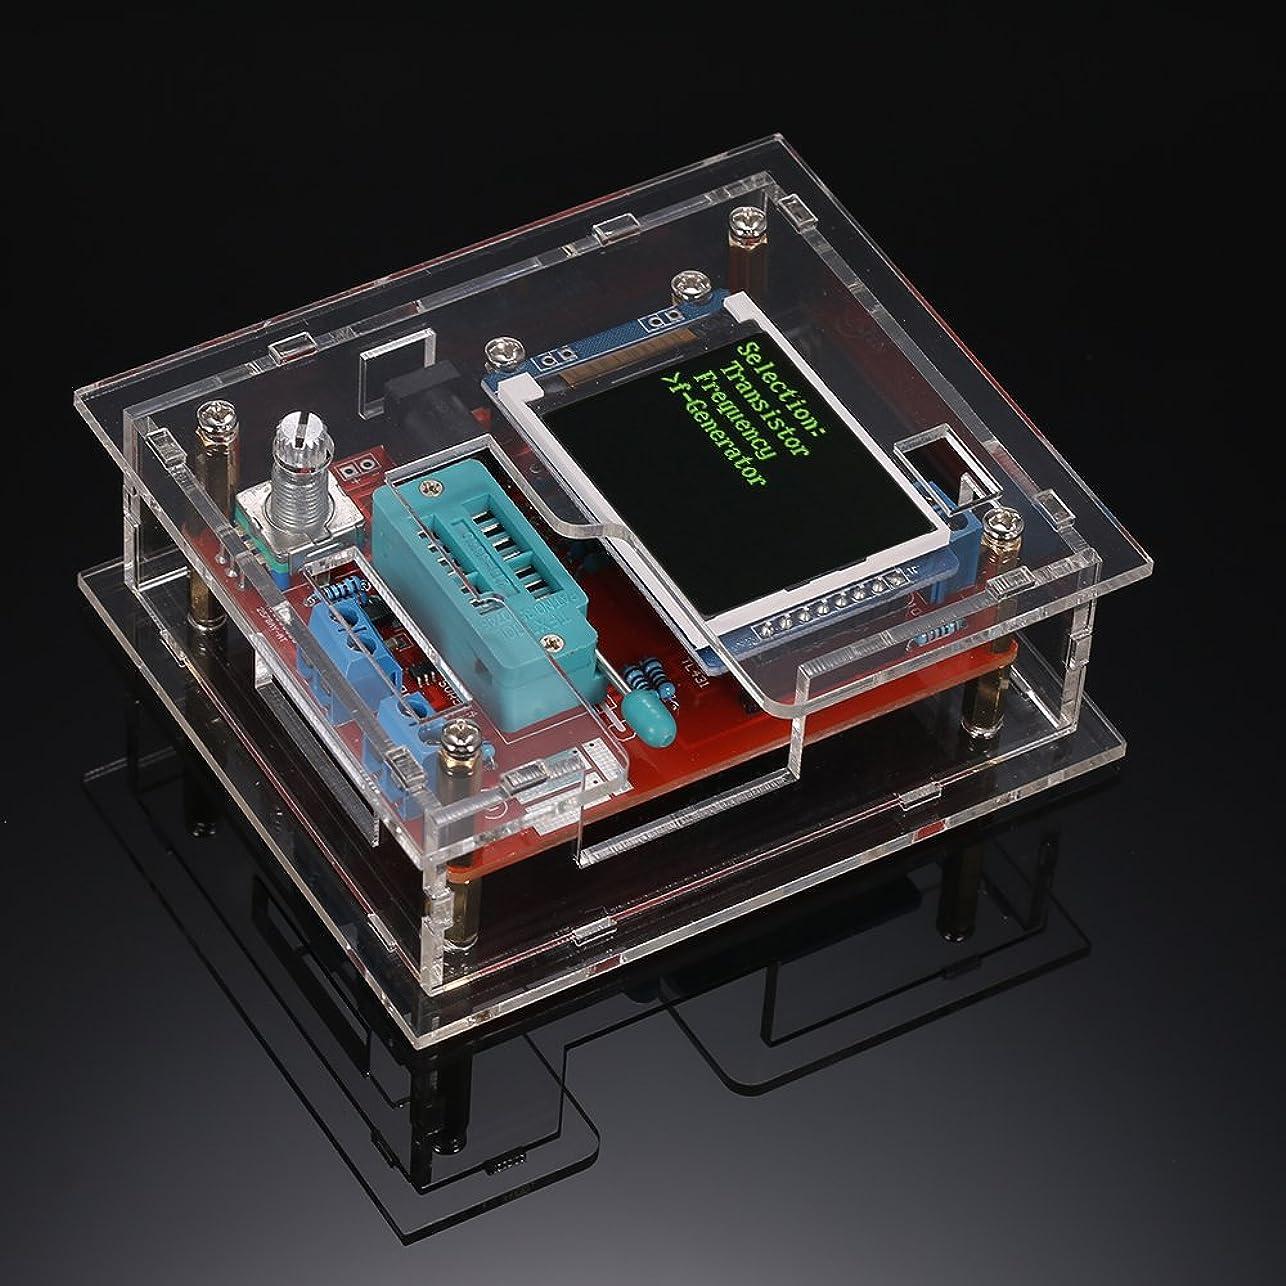 サルベージ卵歪めるVuage(TM) GM328マルチユースLCDトランジスタテスターDIYキットダイオード静電容量電圧計PWM方形波信号発生器+ DIYアクリルケース